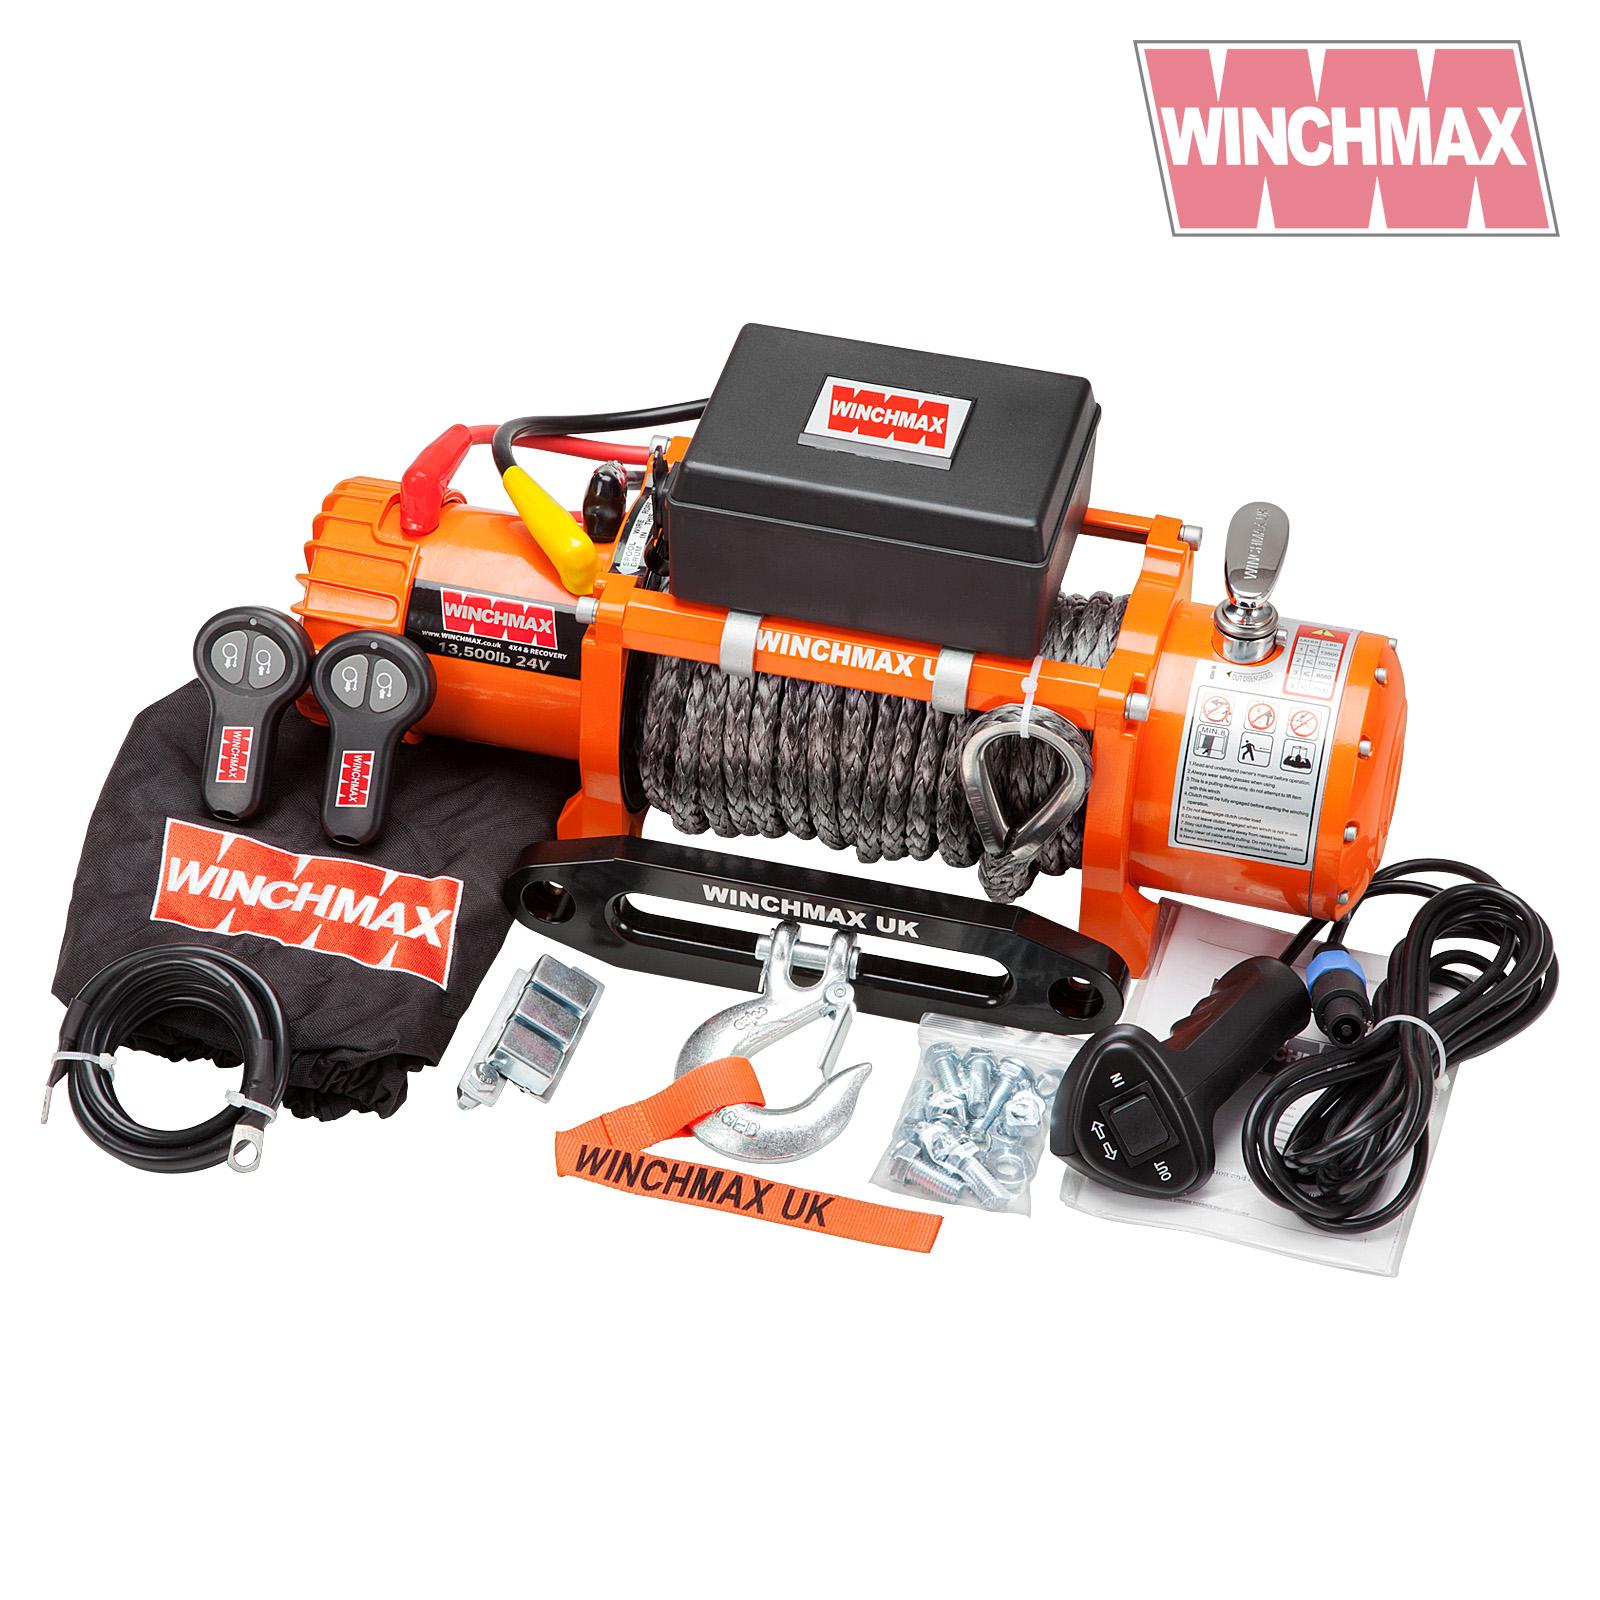 Wm1350024vrs winchmax 02